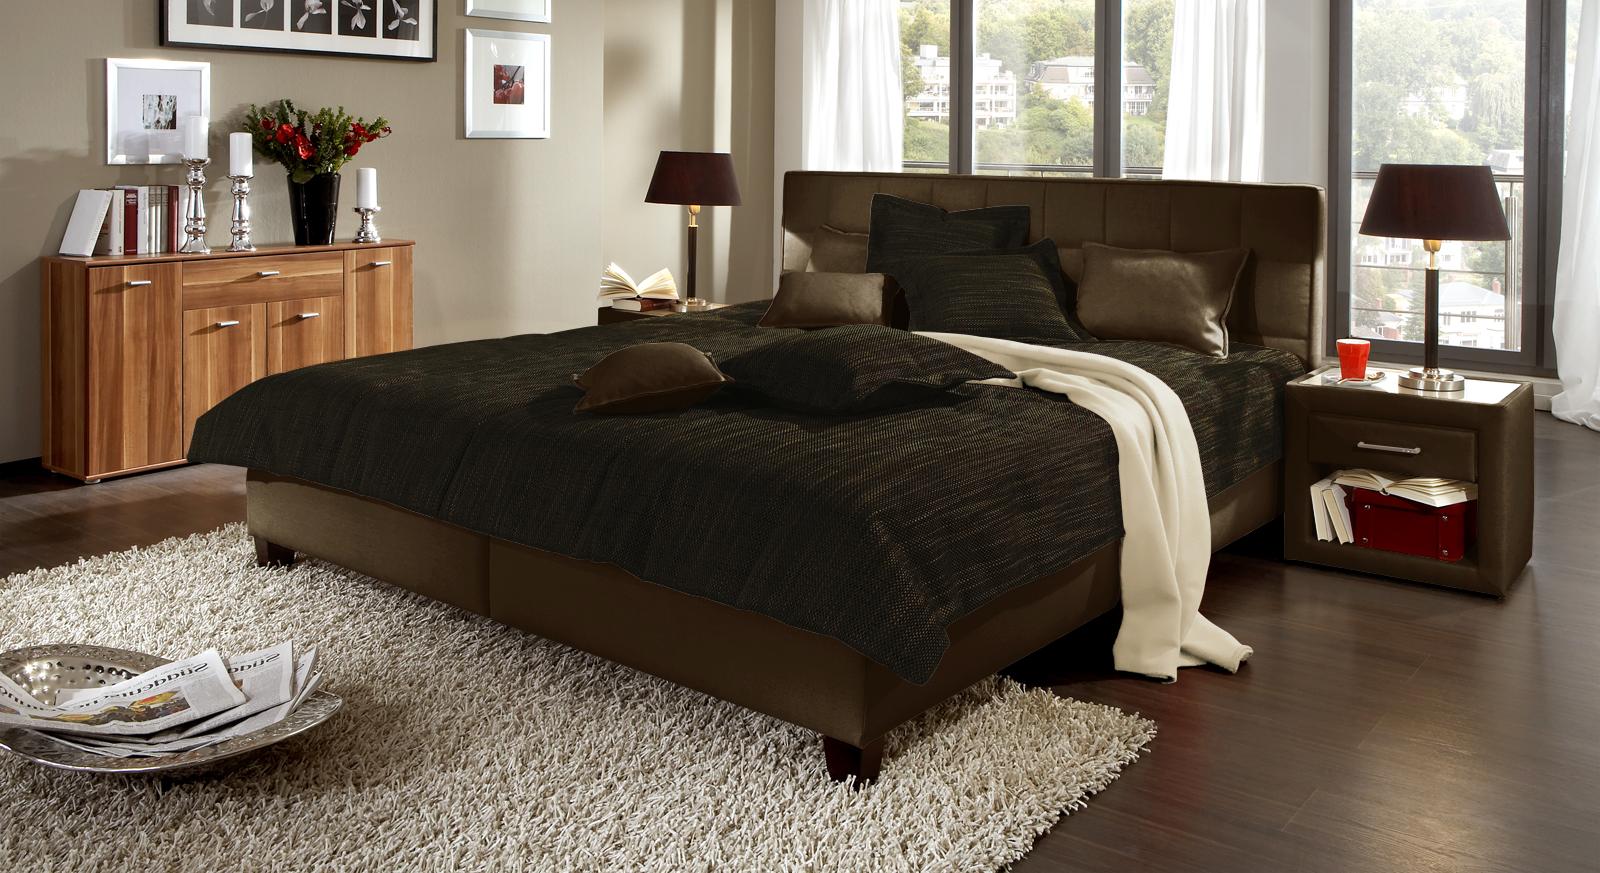 sch nes polsterbett mit ger umigem bettkasten sansone. Black Bedroom Furniture Sets. Home Design Ideas